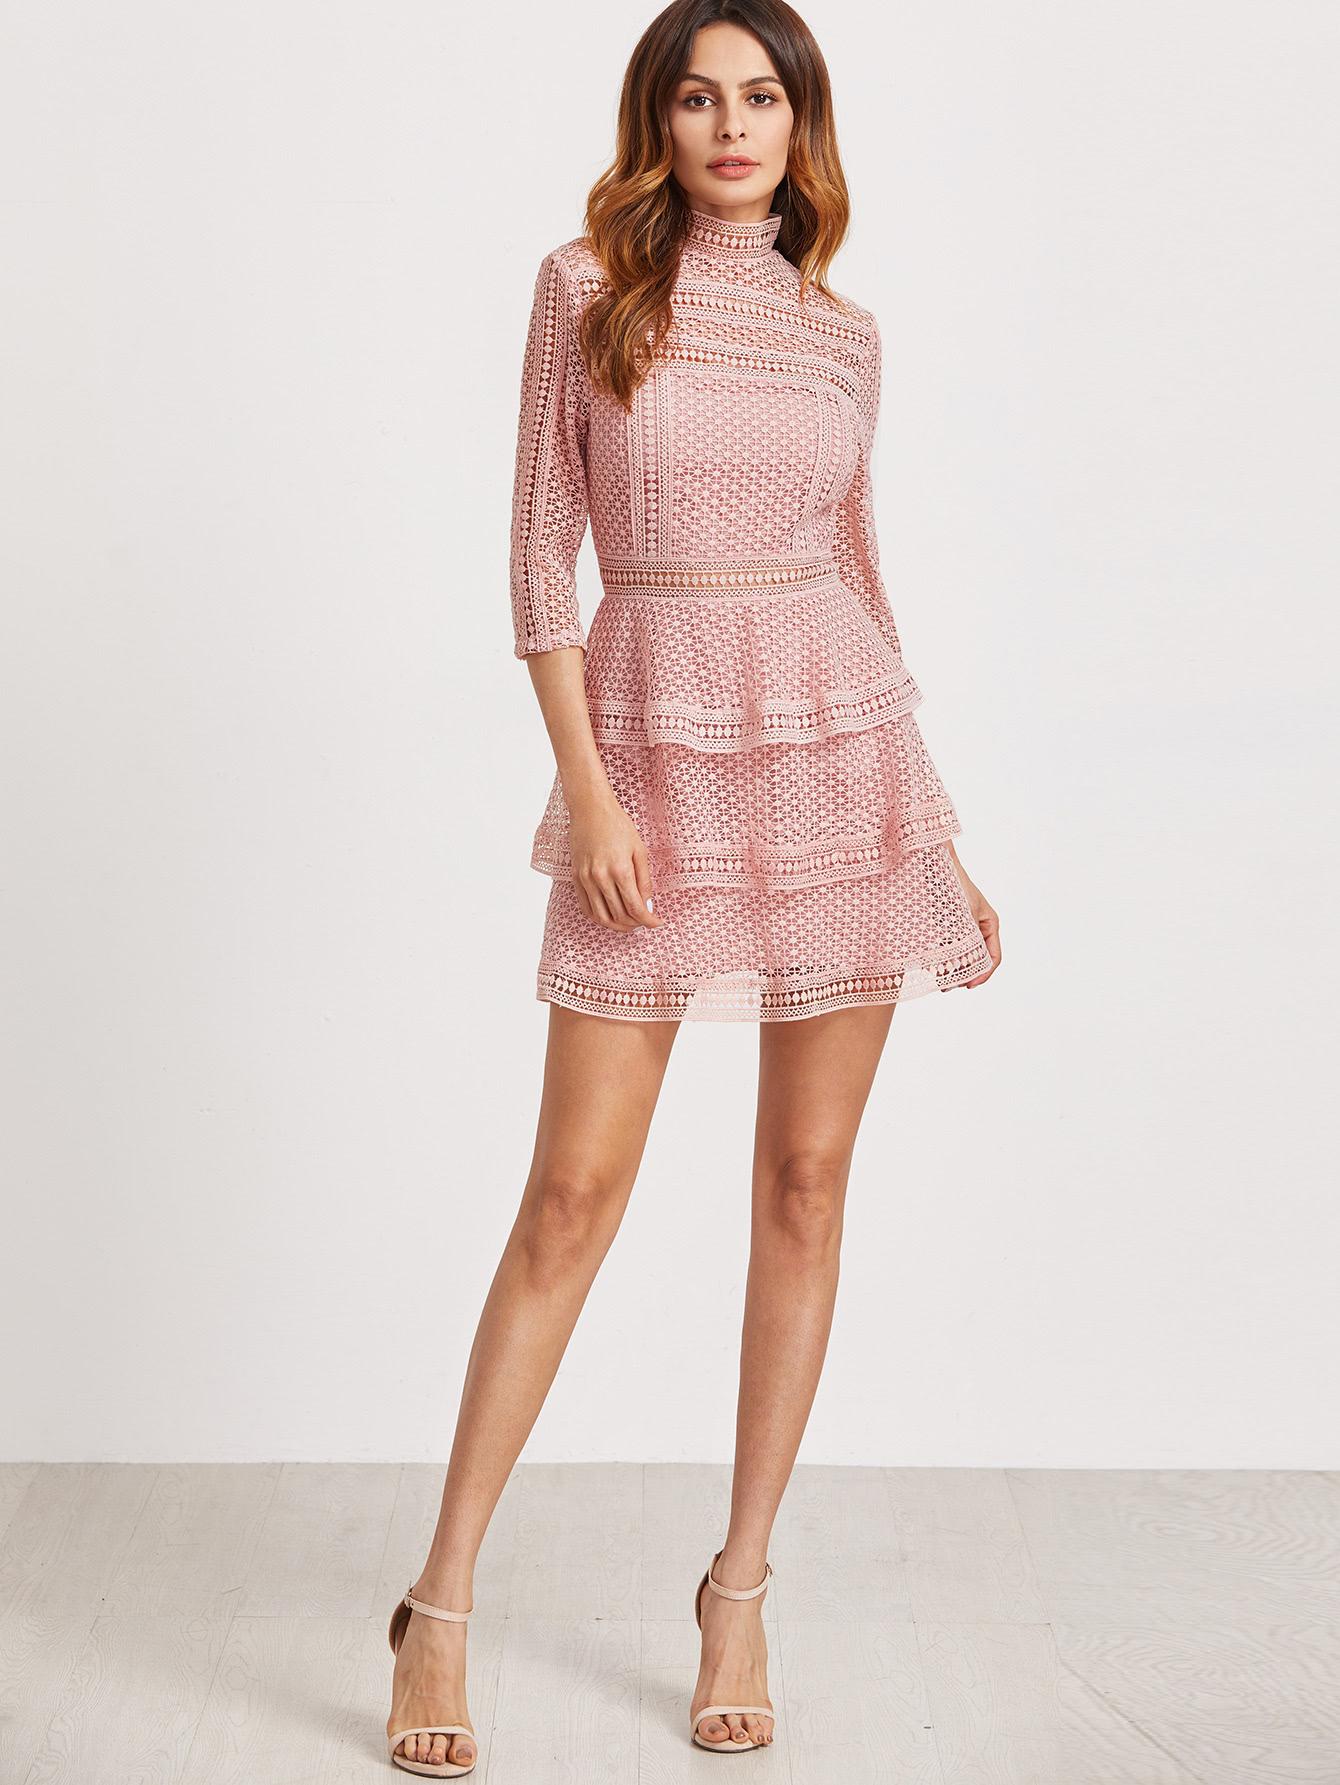 dress170110726_2